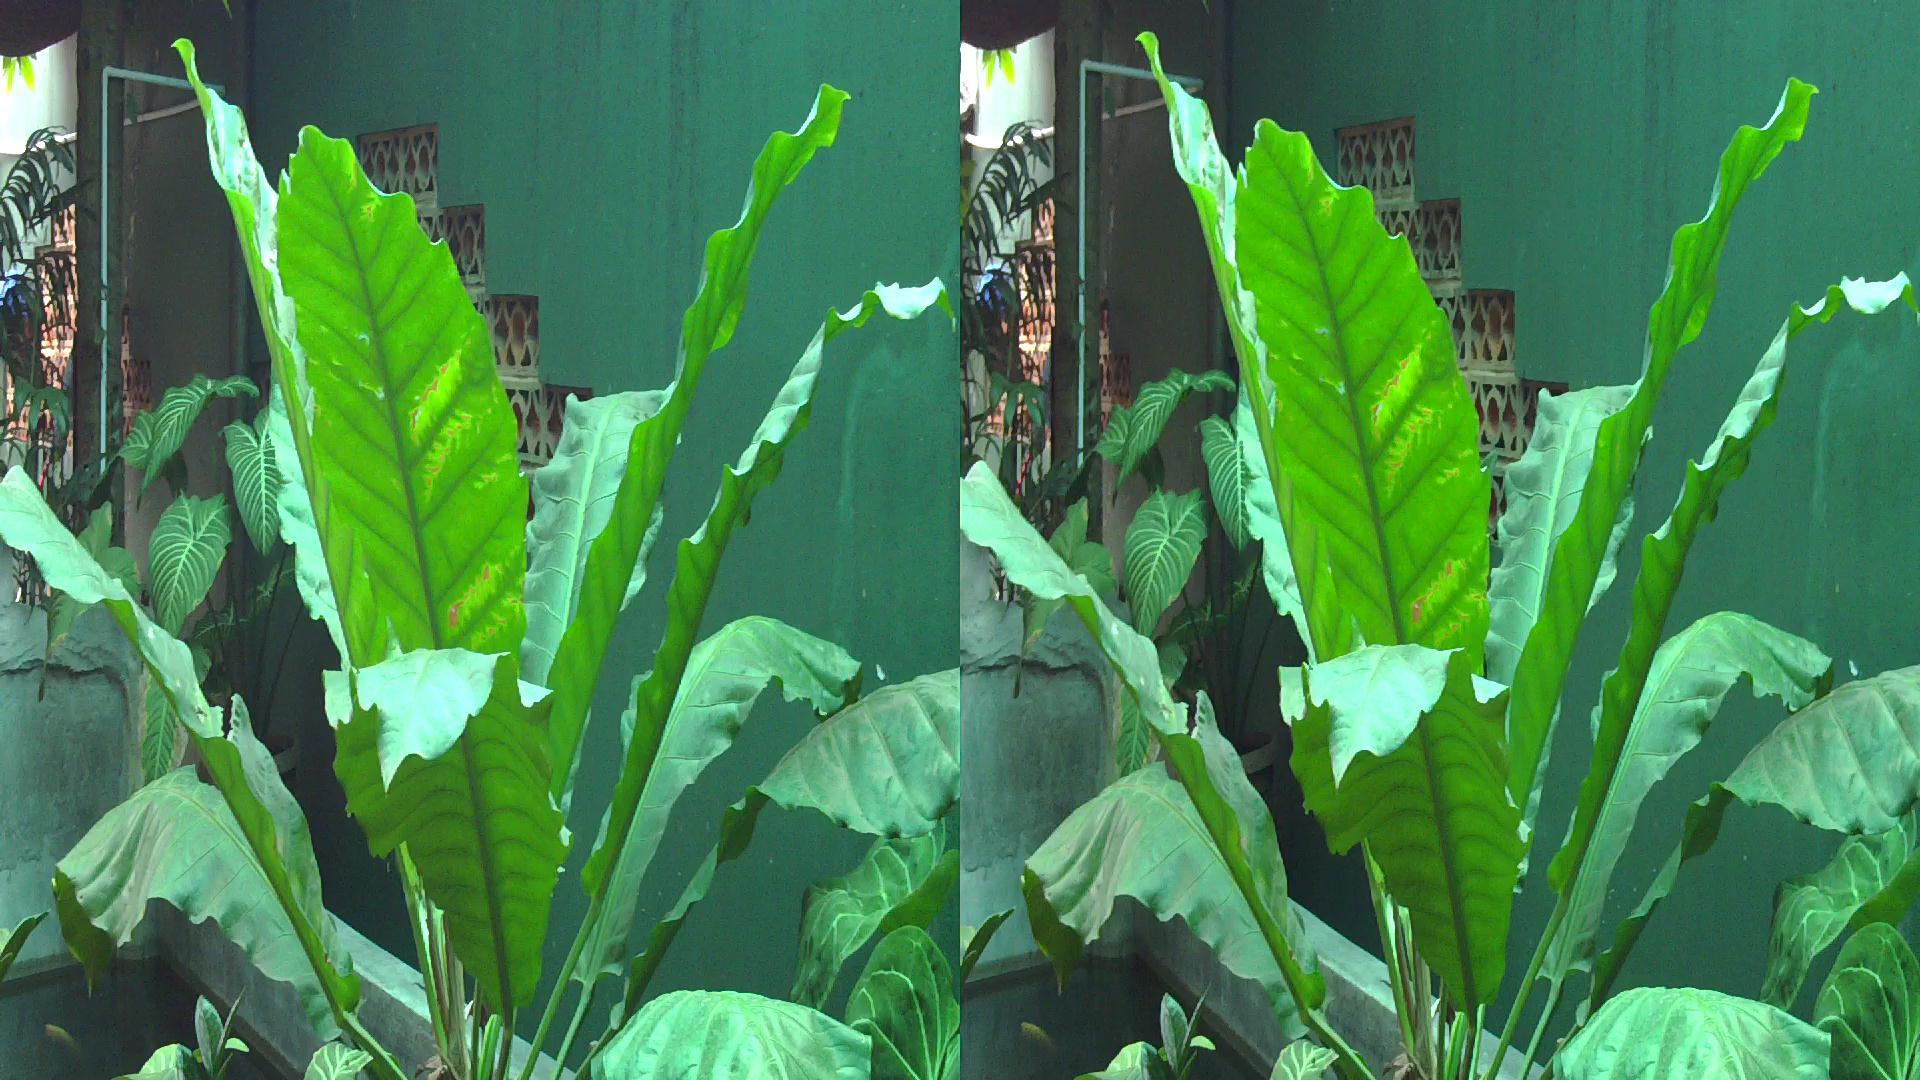 citra stereoskop berbagi info dari ke penggemar gambar 3